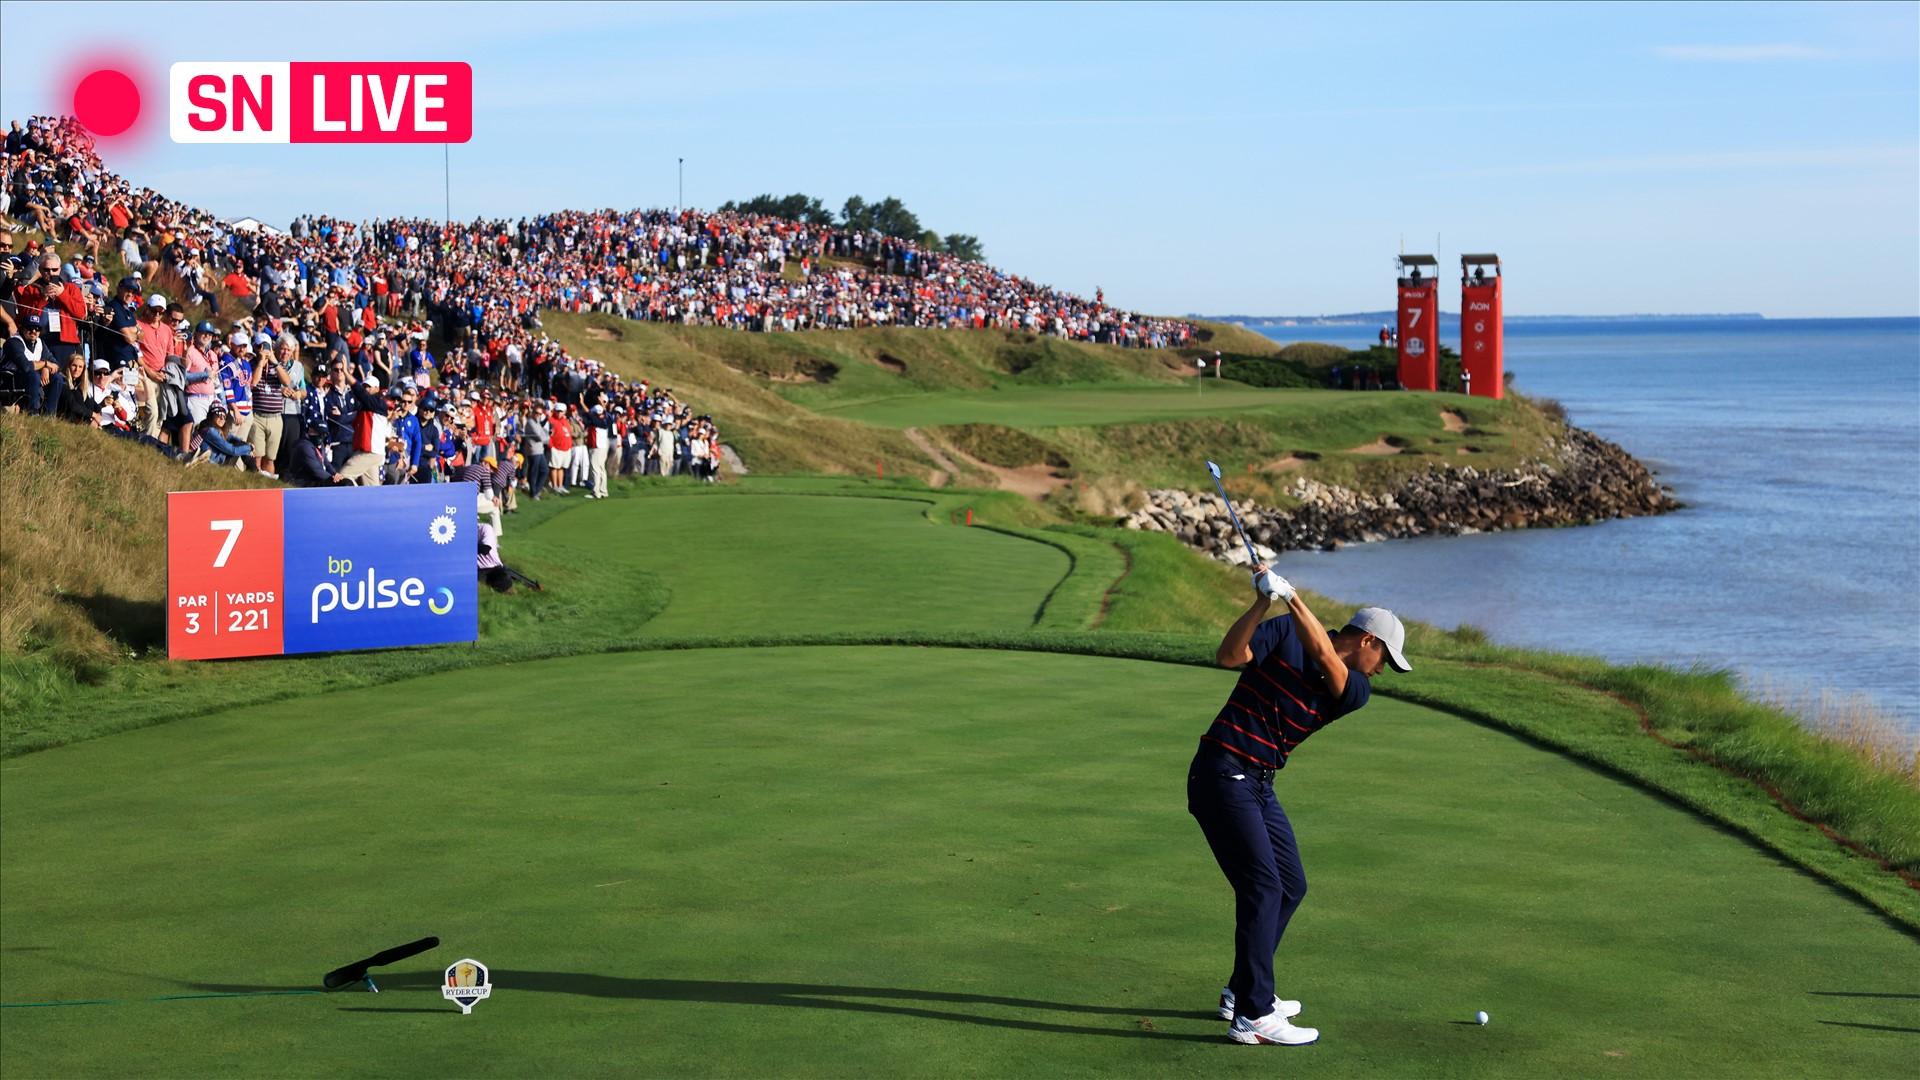 Skor Golf Langsung Ryder Cup 2021, Hasil, Hari 1 Berempat, Sorotan Empat Bola